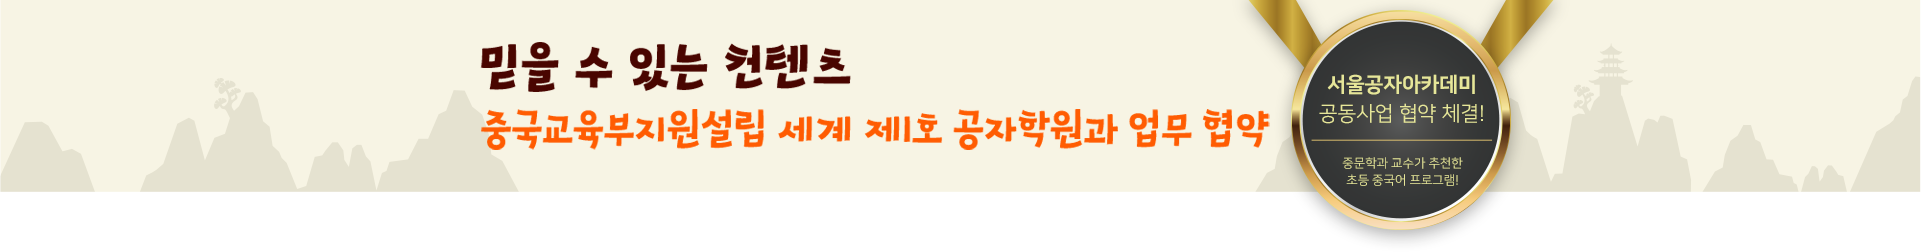 서울공자아카데미공동사업 협약 체결